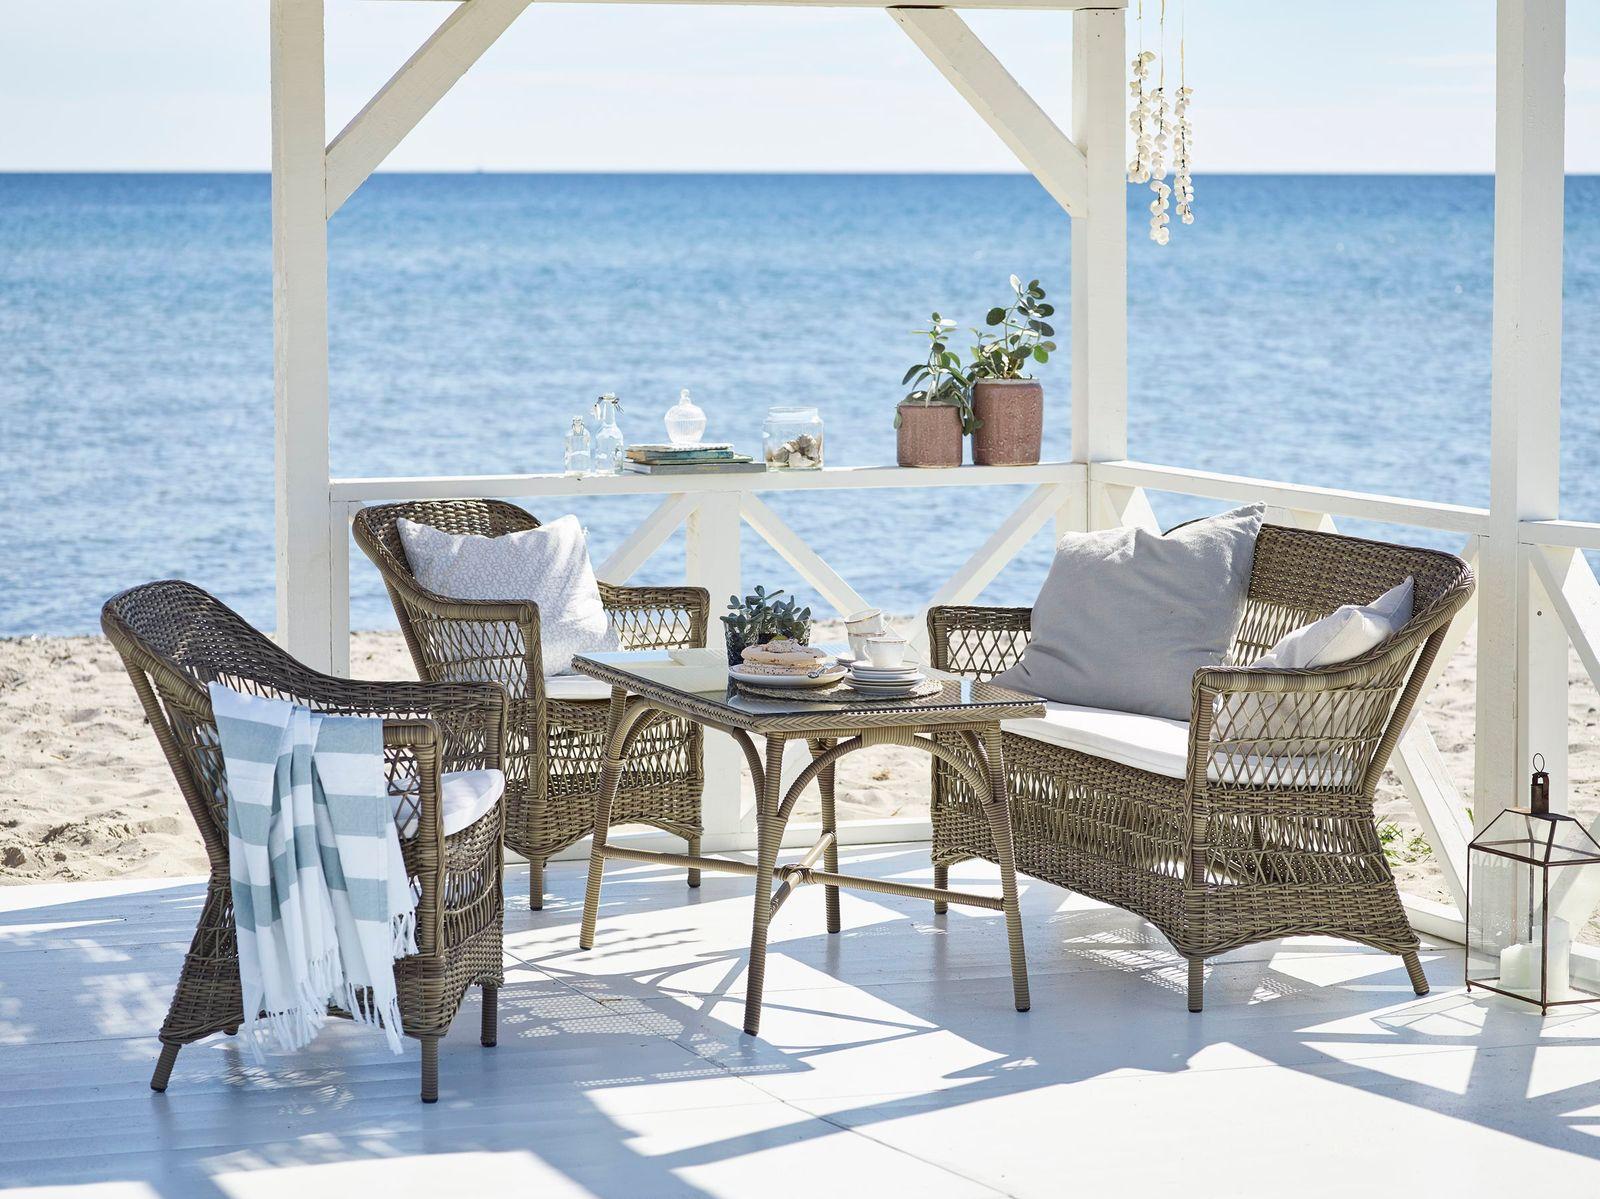 sika design outdoor rattan sessel charlot. Black Bedroom Furniture Sets. Home Design Ideas